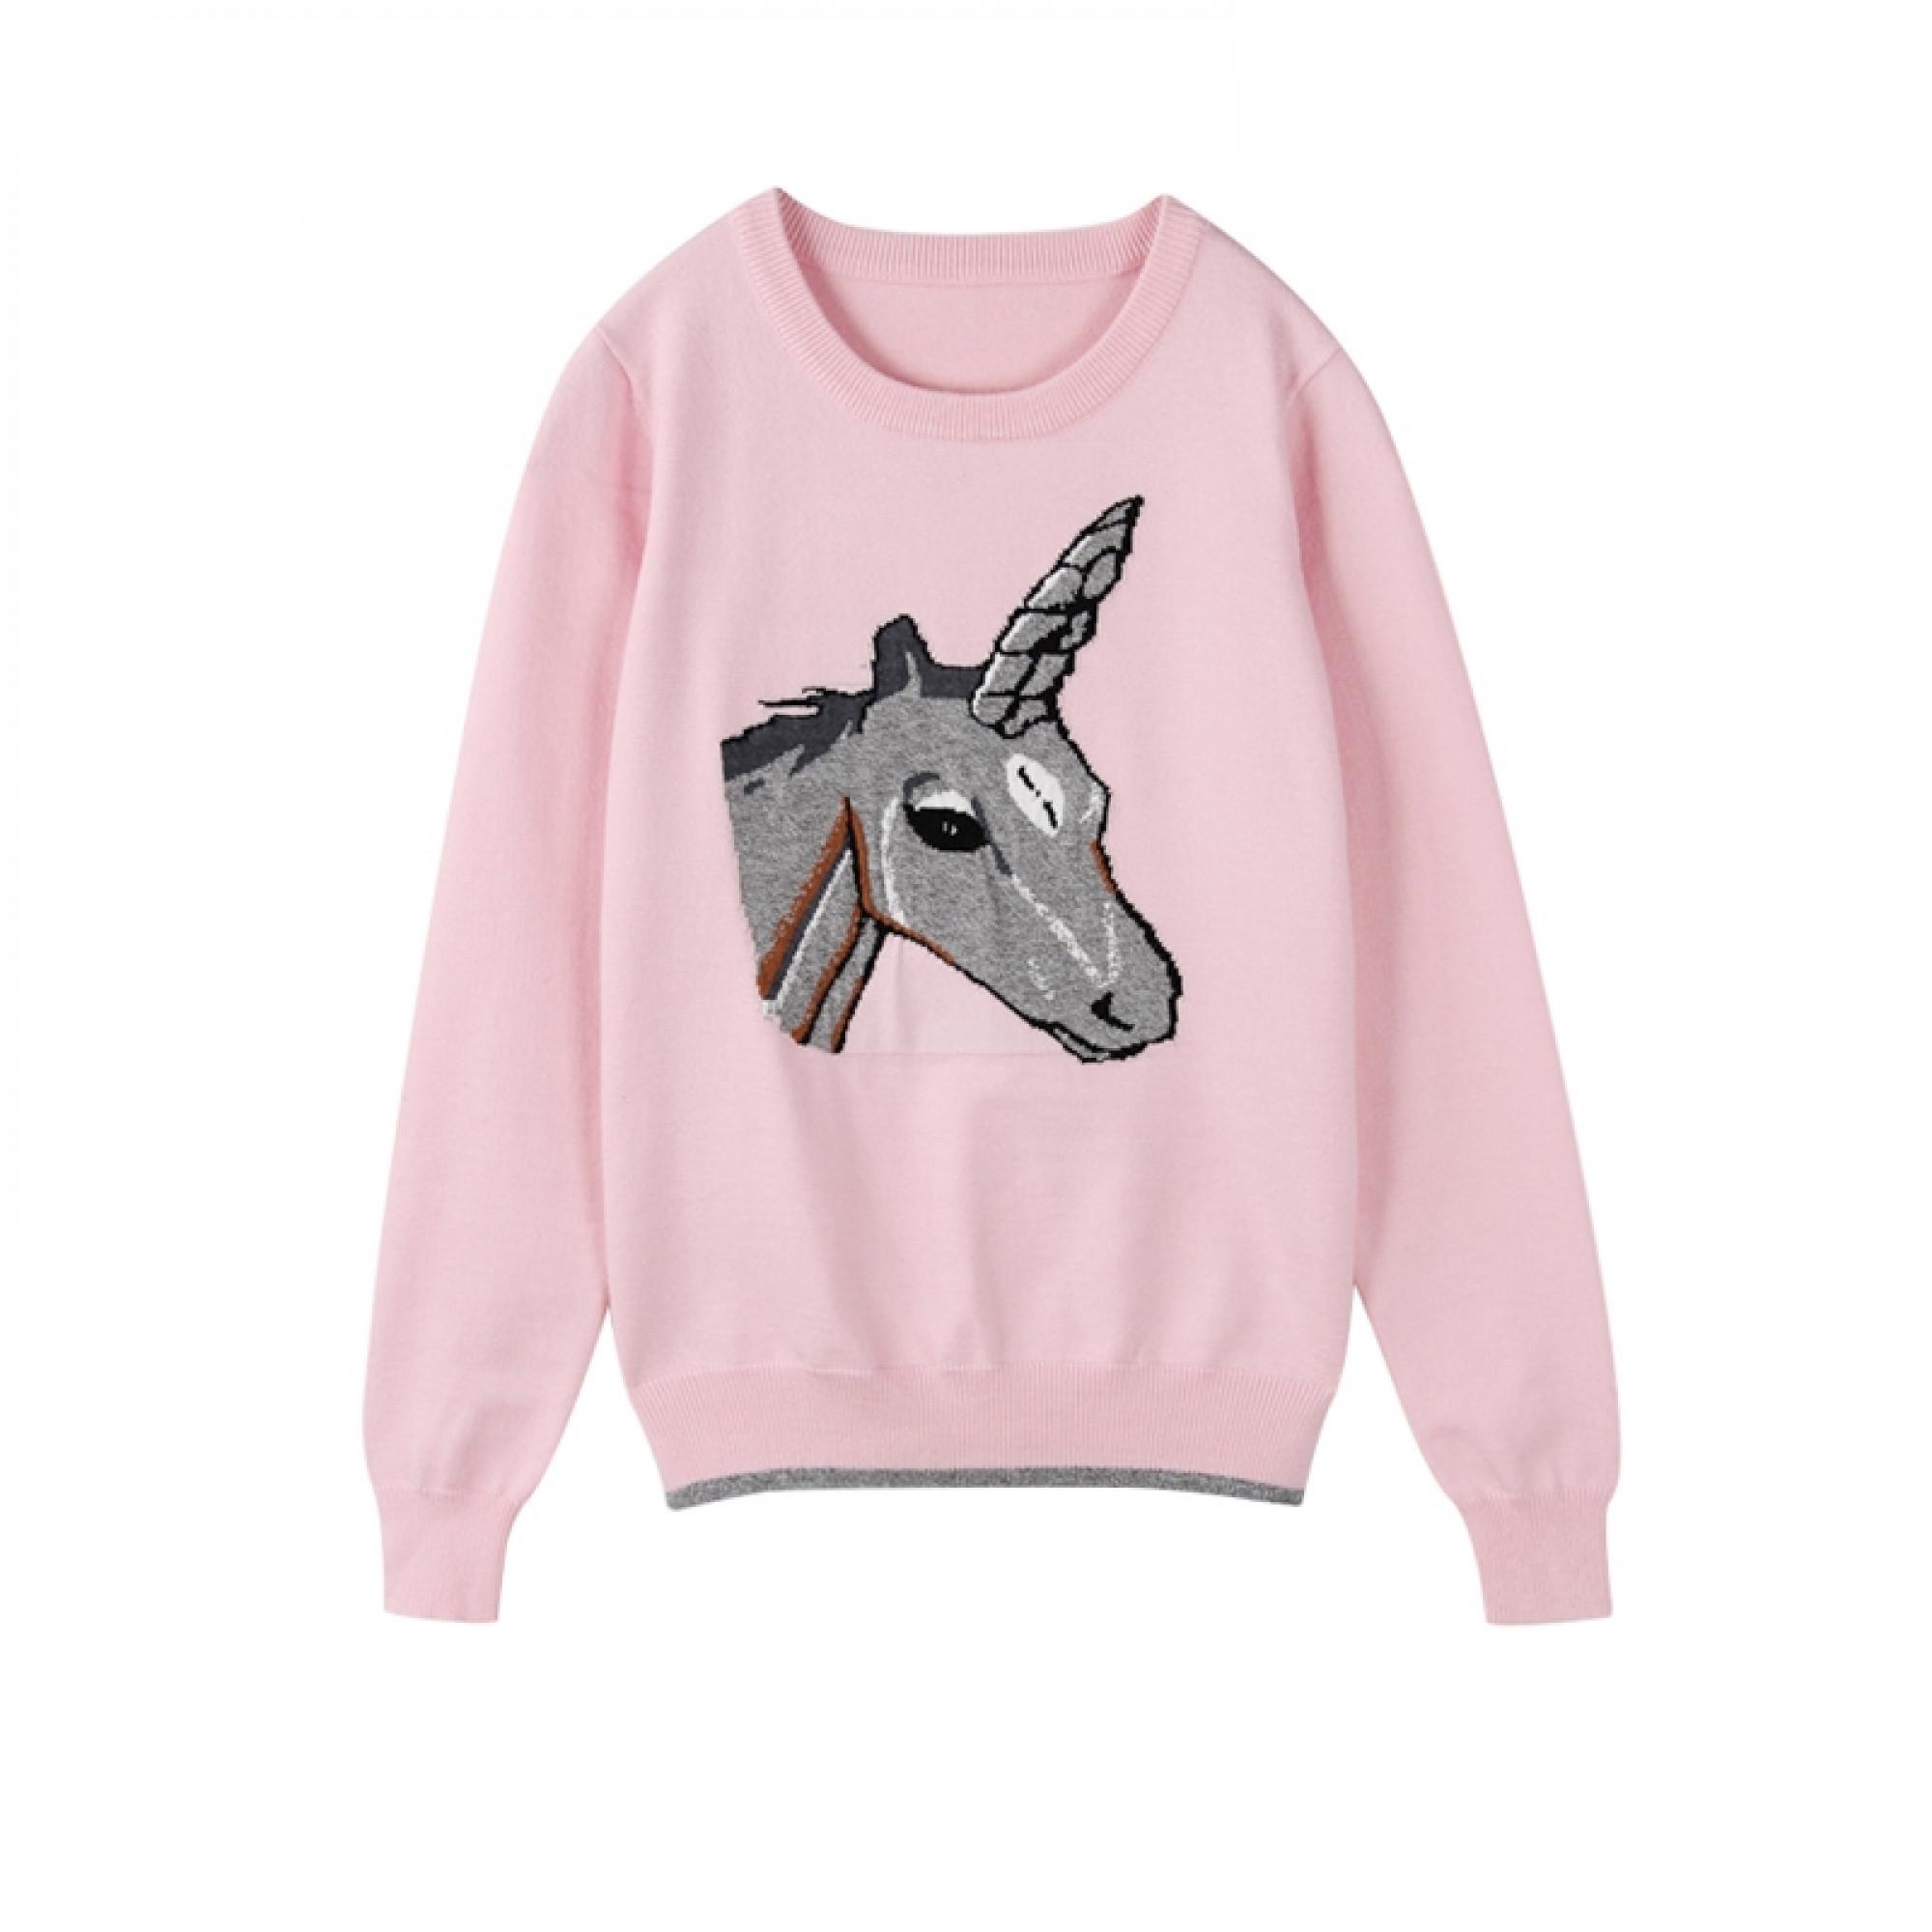 bad4ce78efbee Розовый свитер с единорогом: купить женский свитер и пуловер в ...